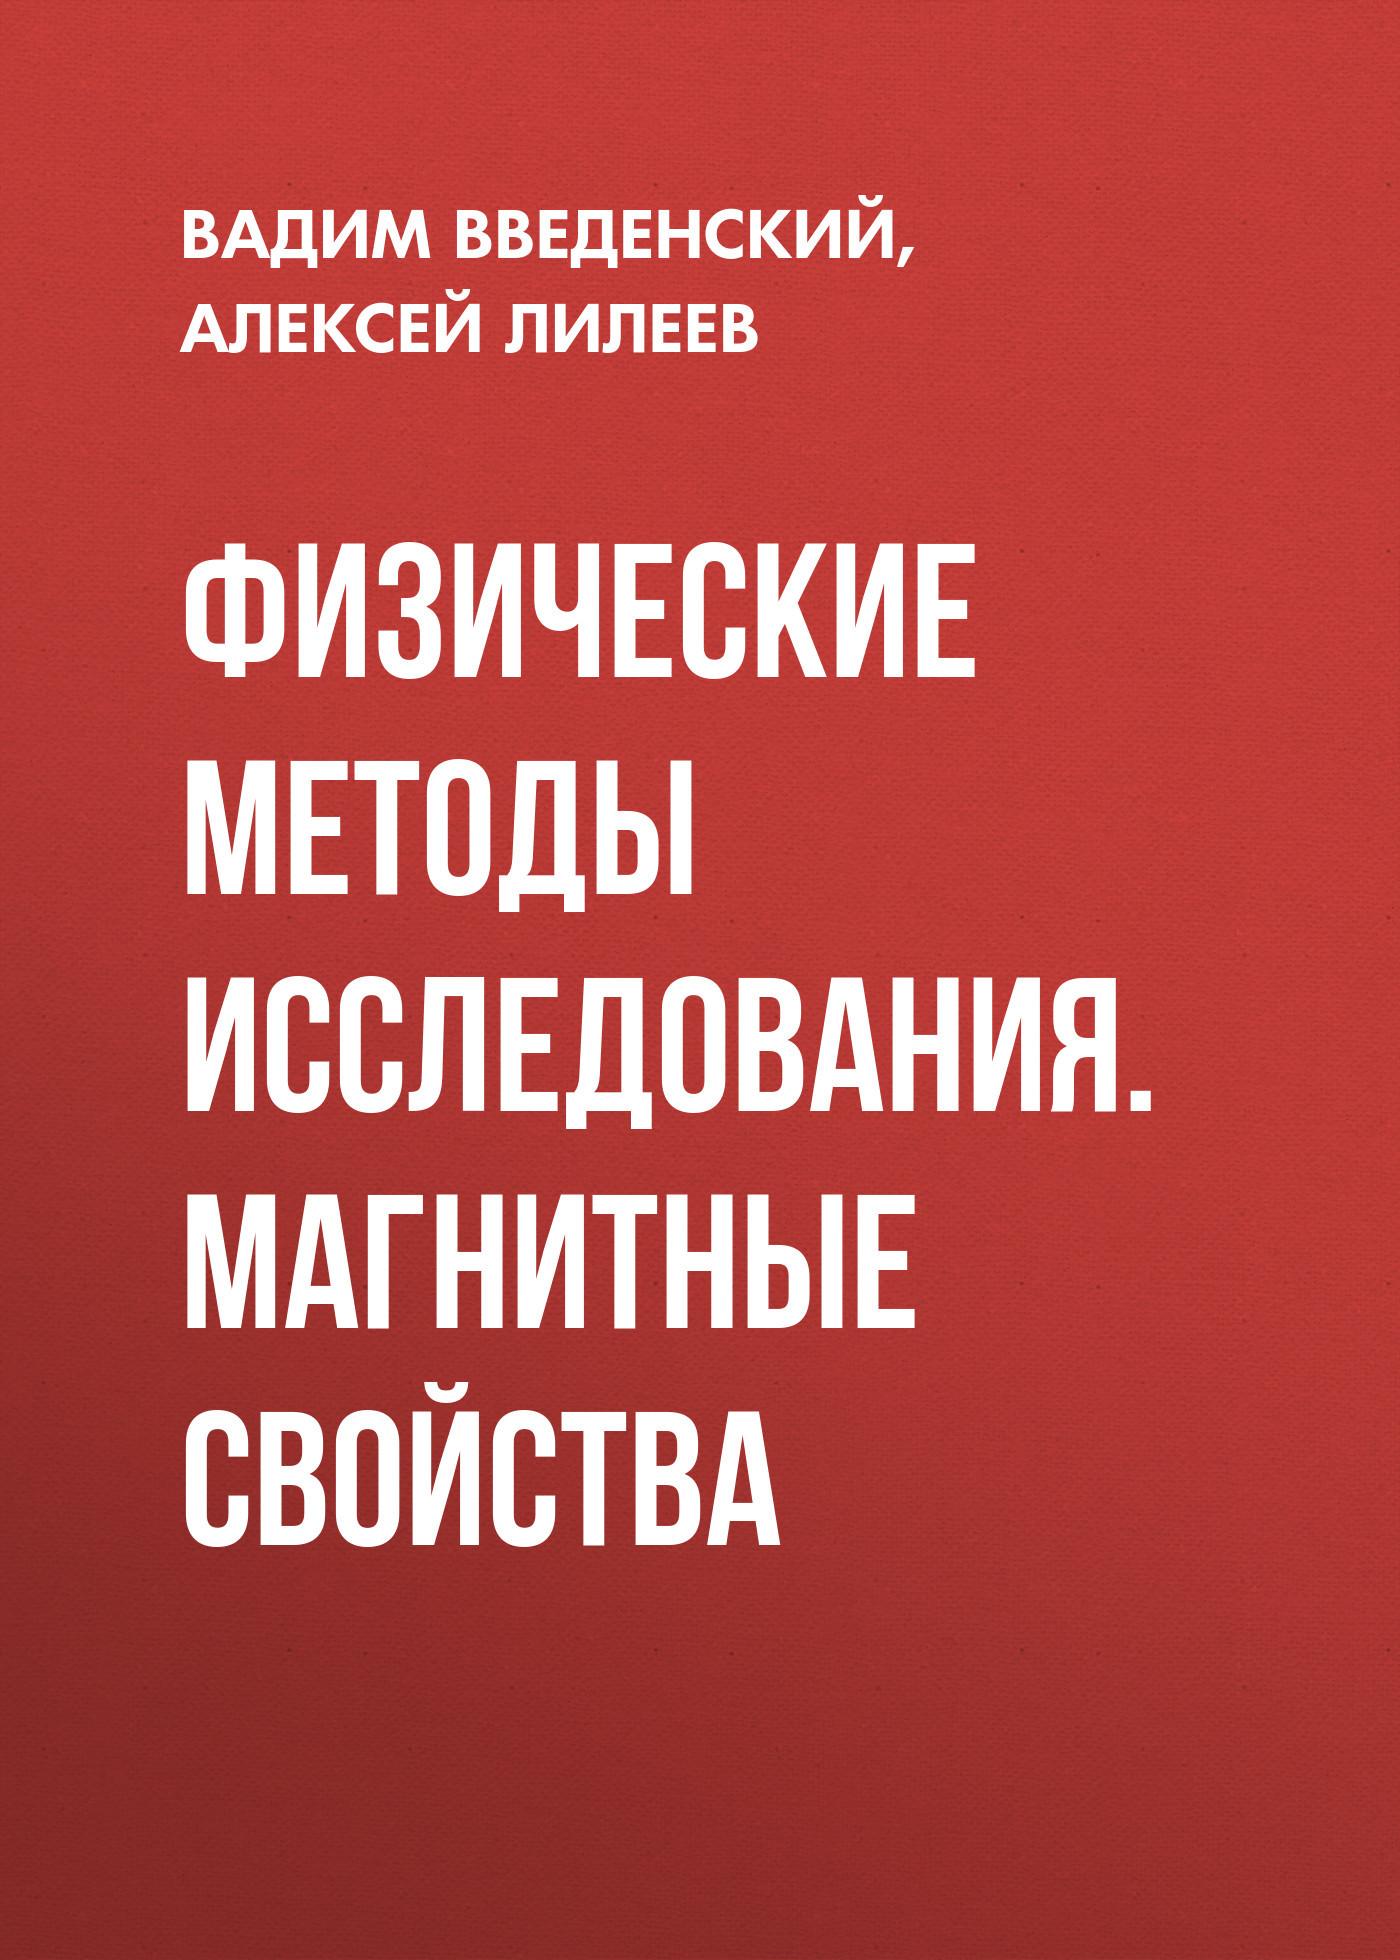 Вадим Введенский Физические методы исследования. Магнитные свойства